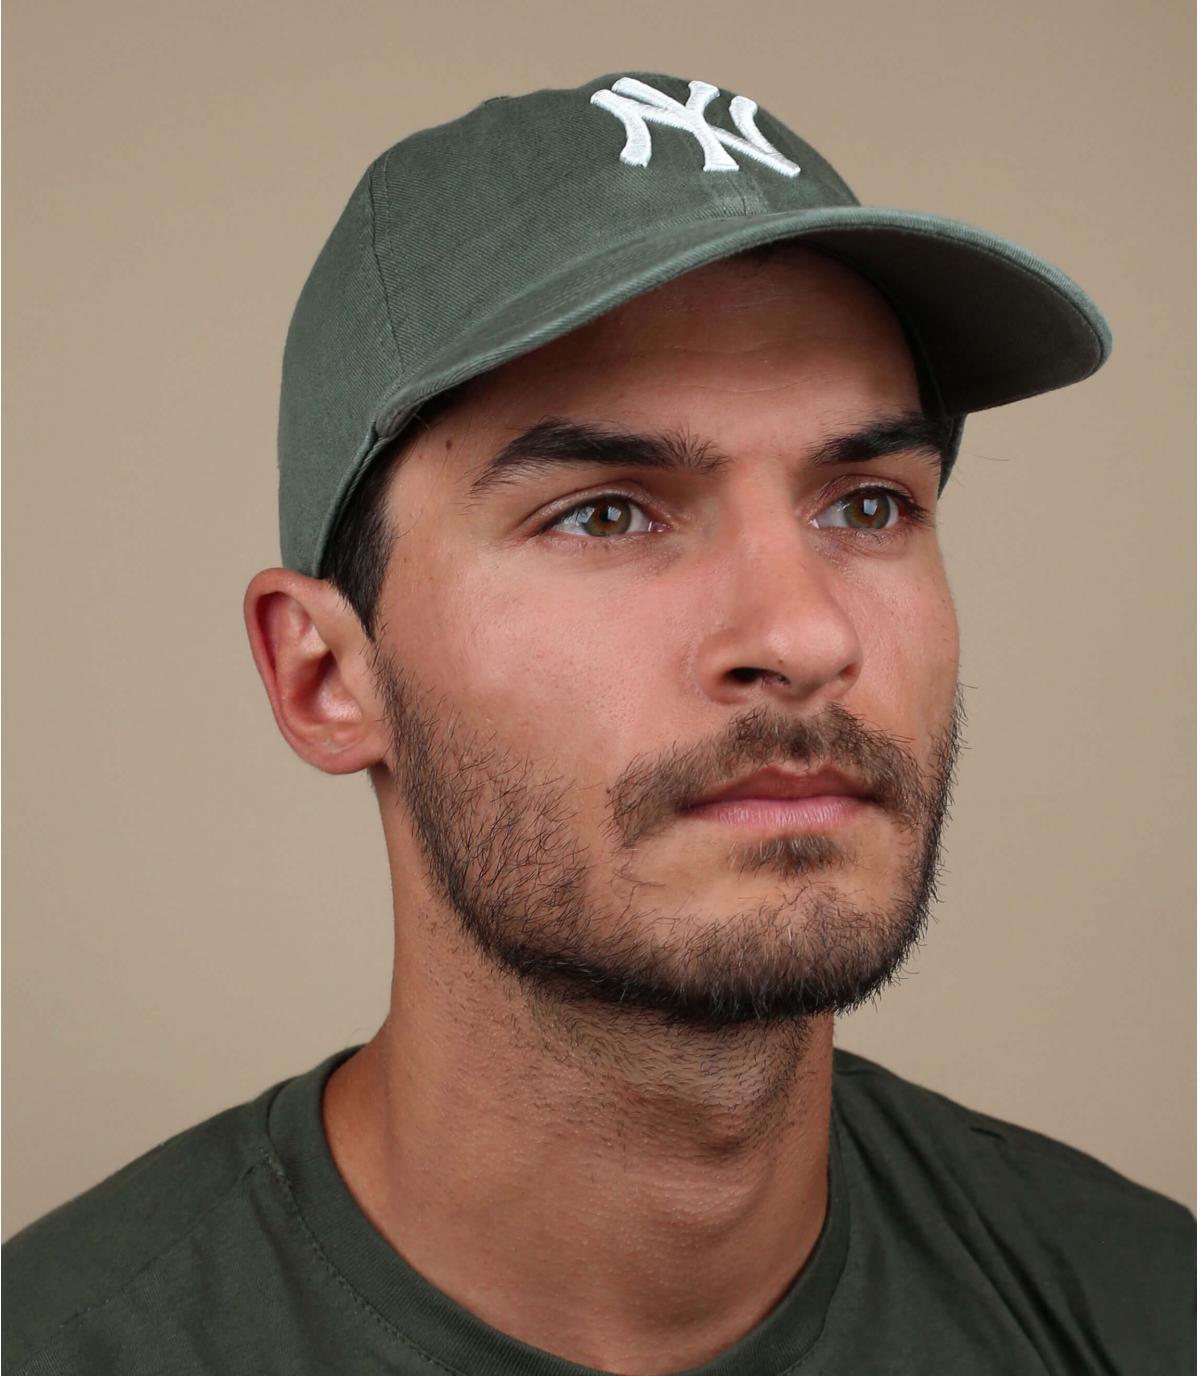 NY khaki tappo verde